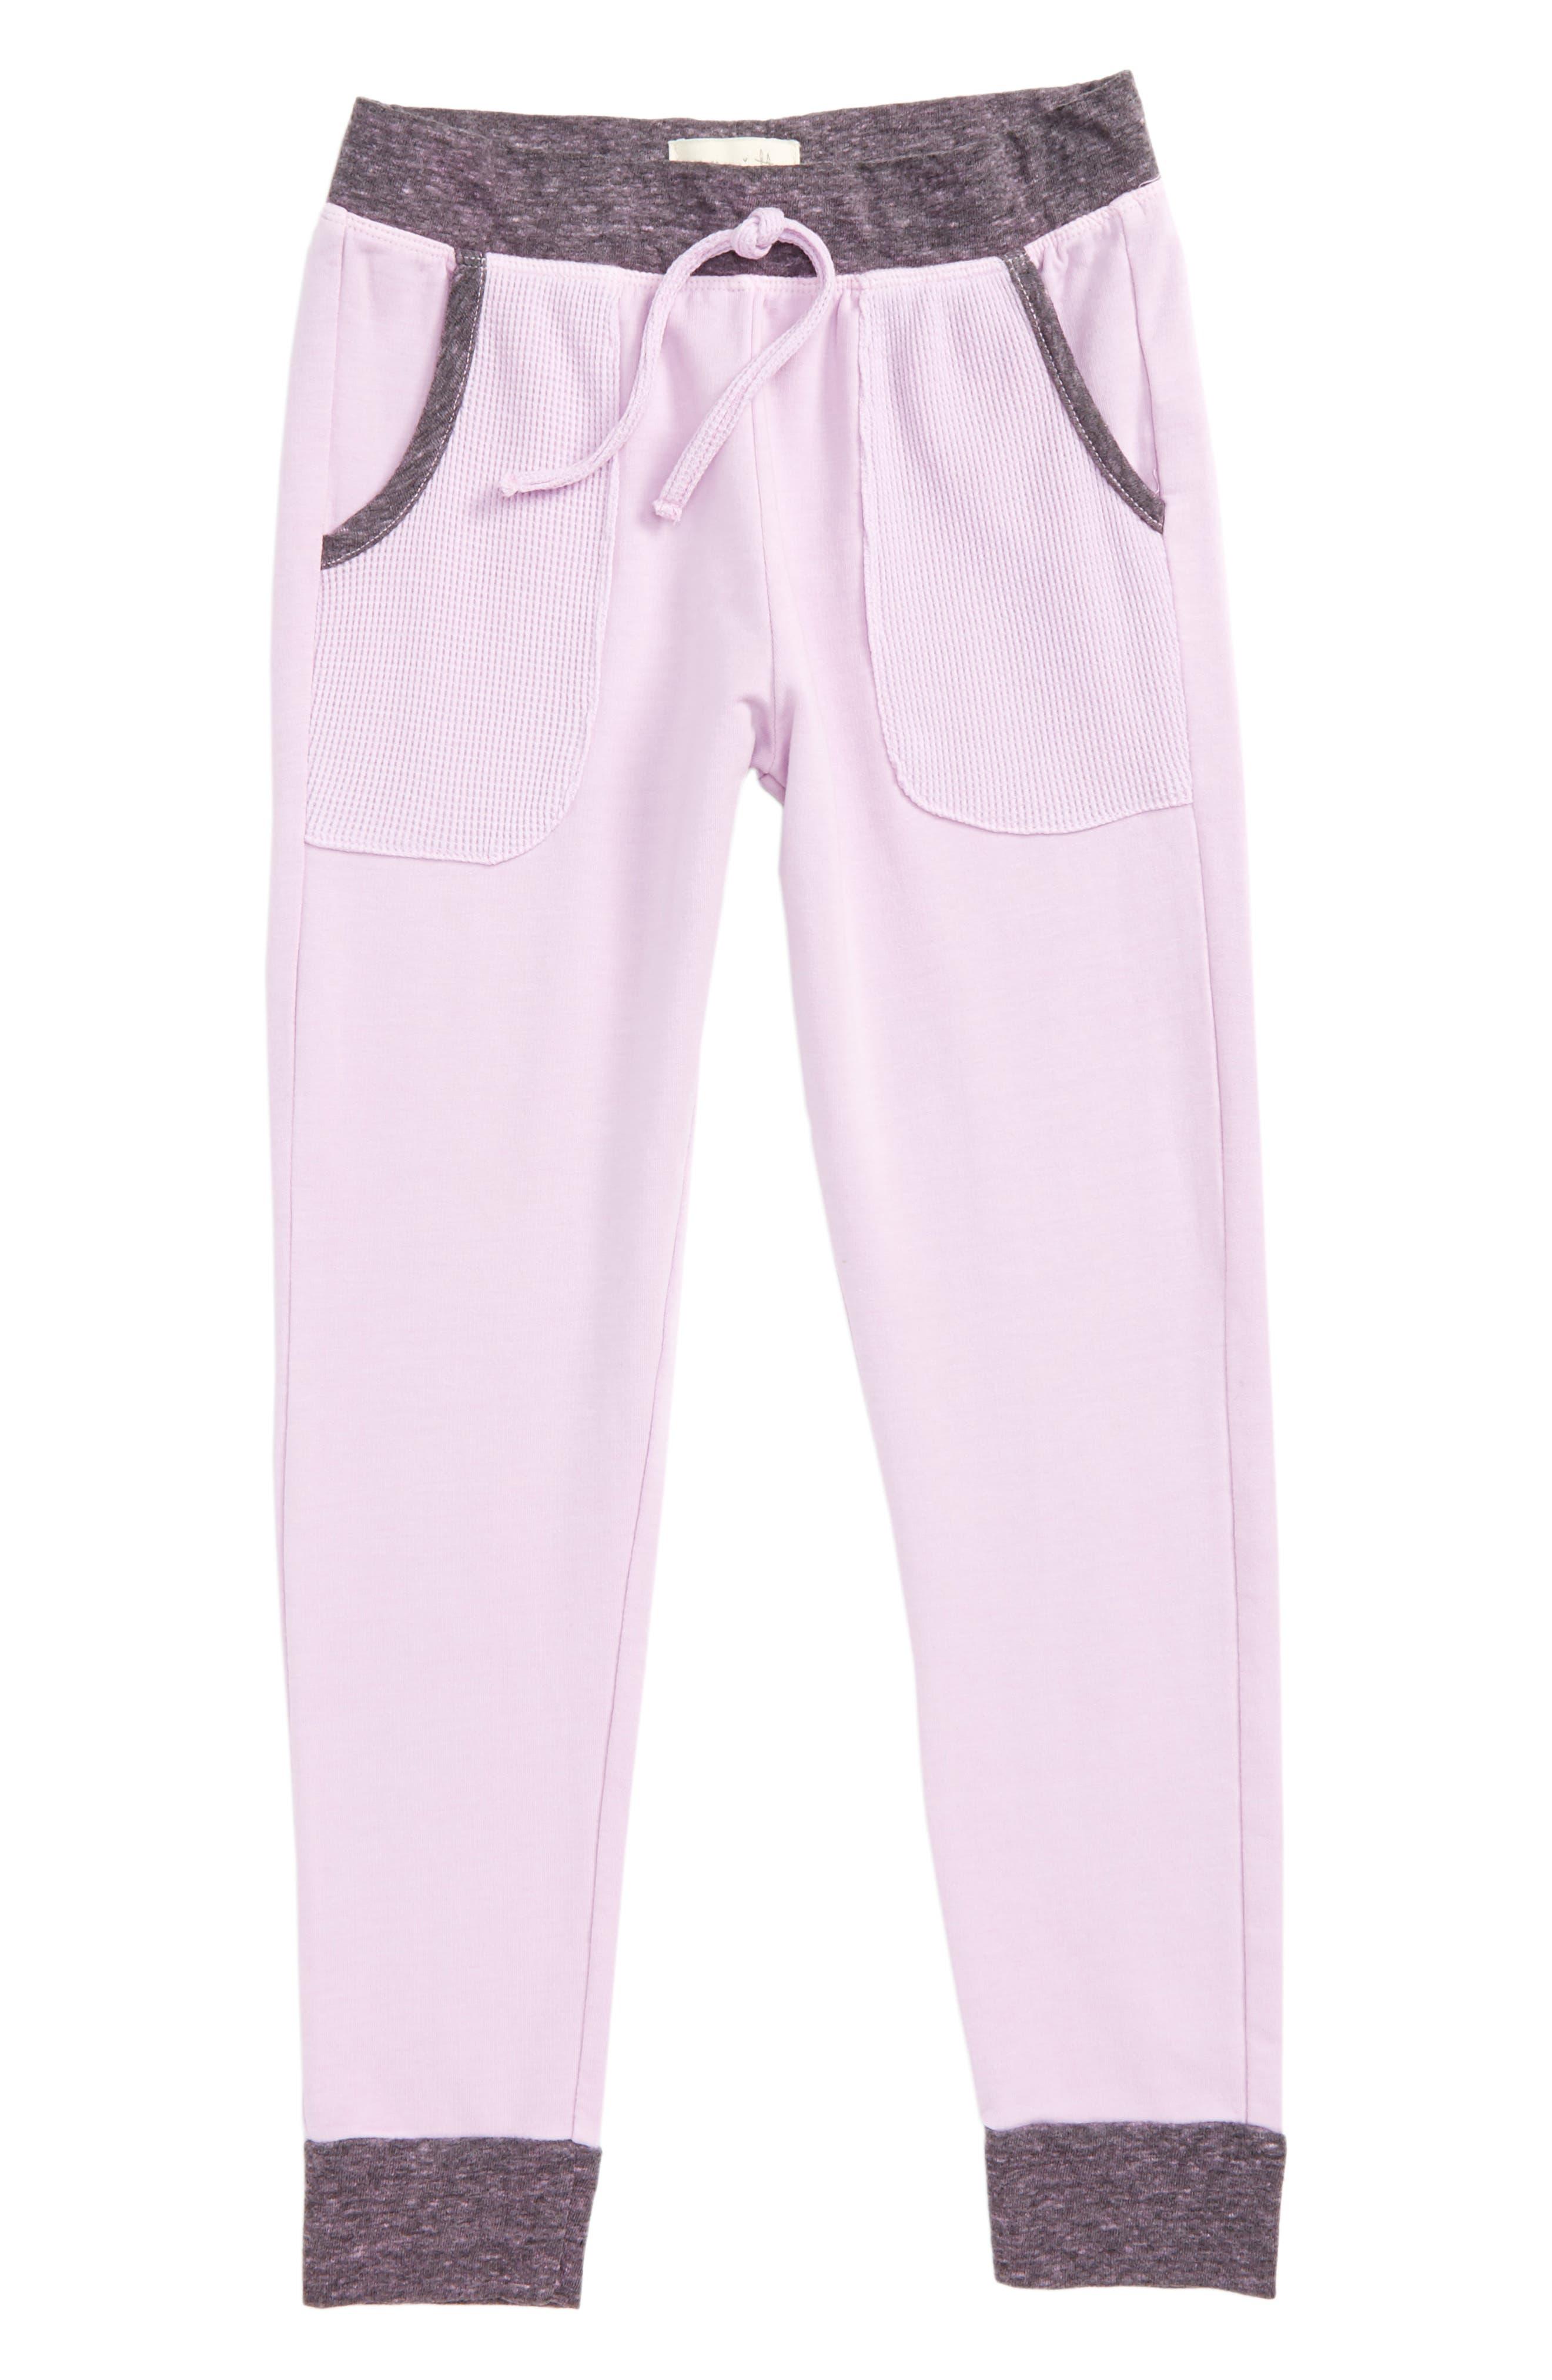 Alternate Image 1 Selected - Miki Miette Haydon Jogger Pants (Little Girls & Toddler Girls)